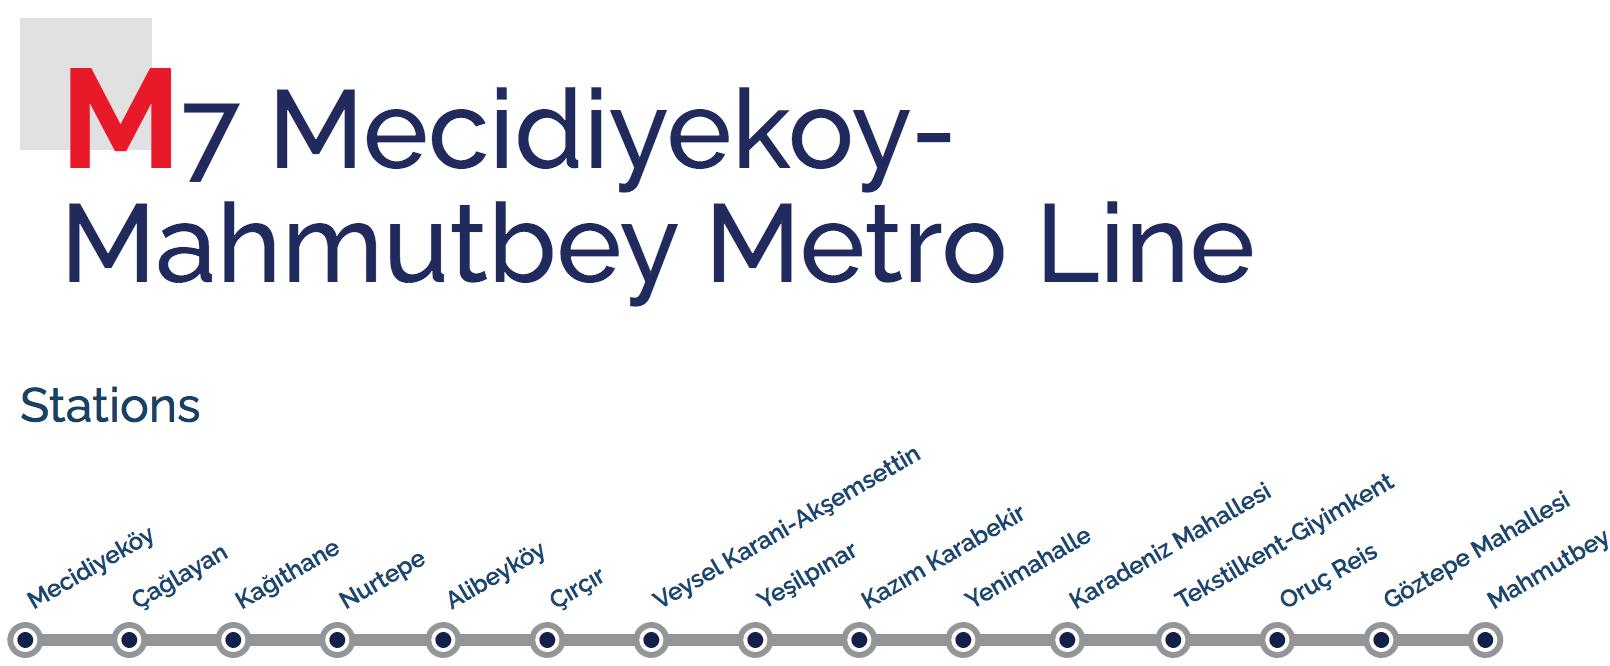 Маршрут метро M7